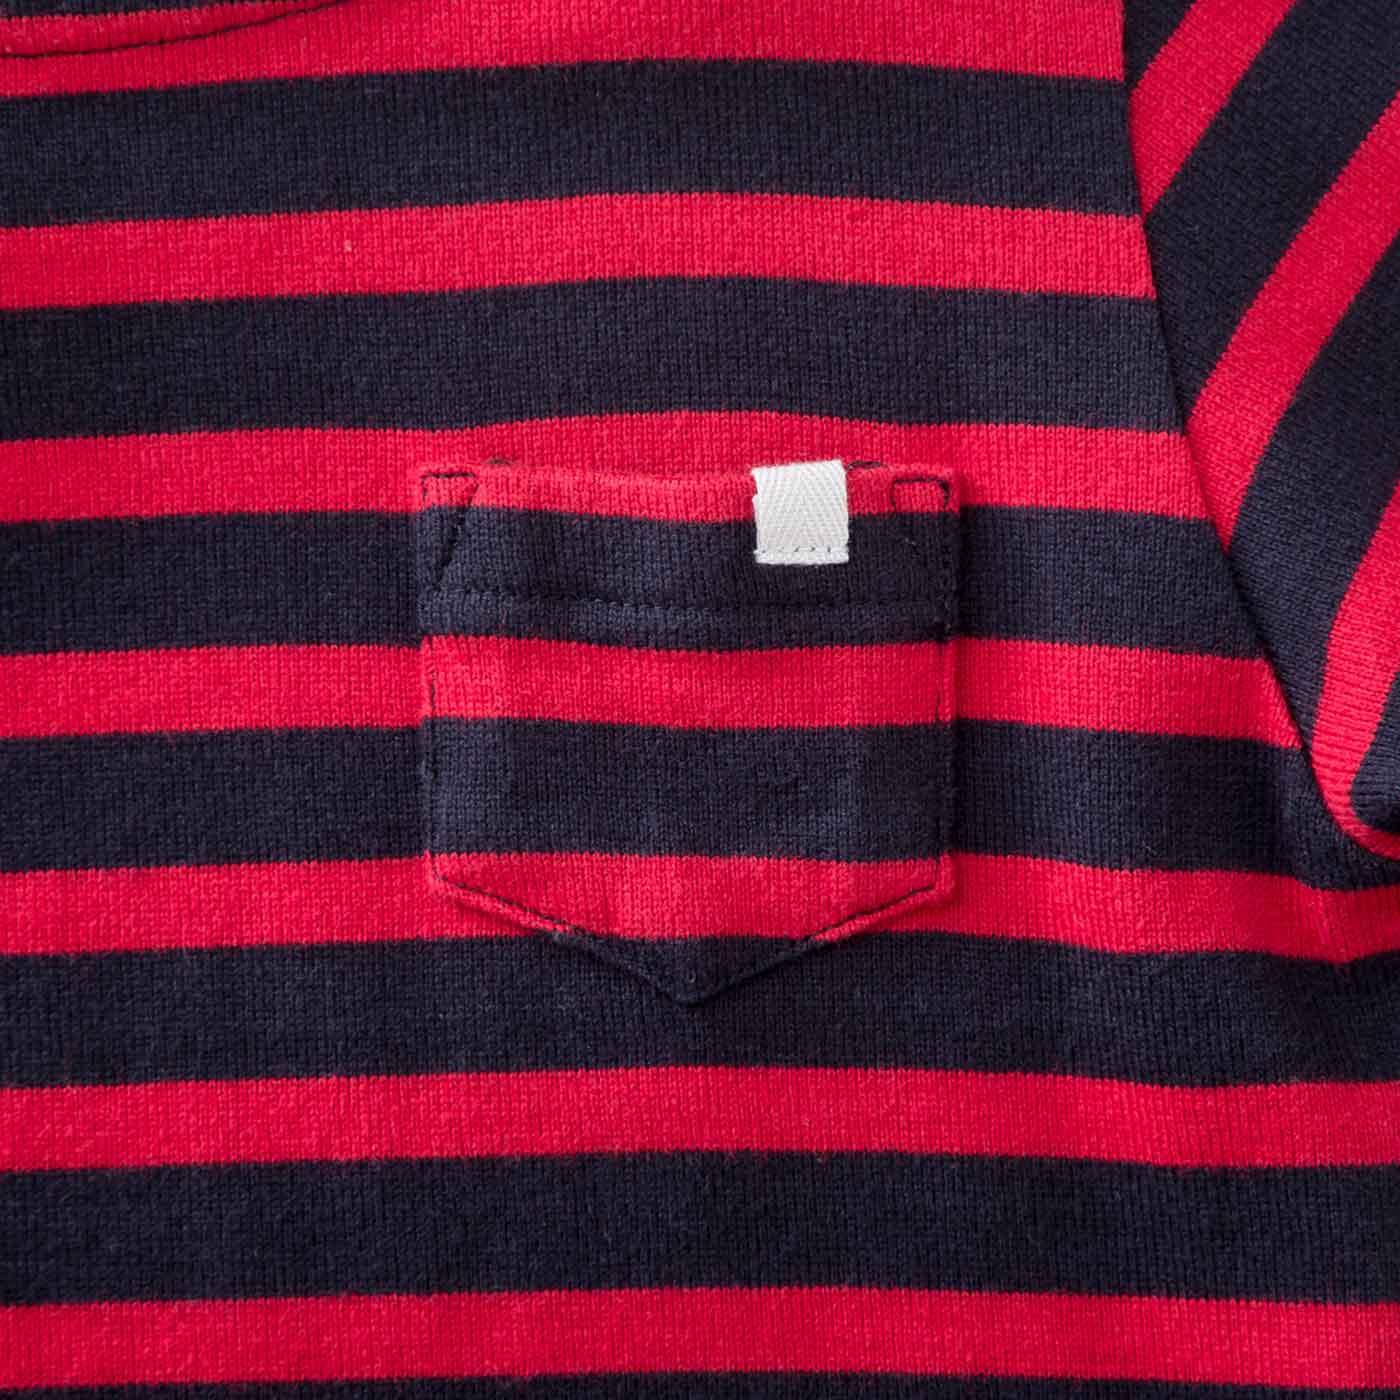 ポケットには、服に穴を空けずに名札が通せるテープ付き。